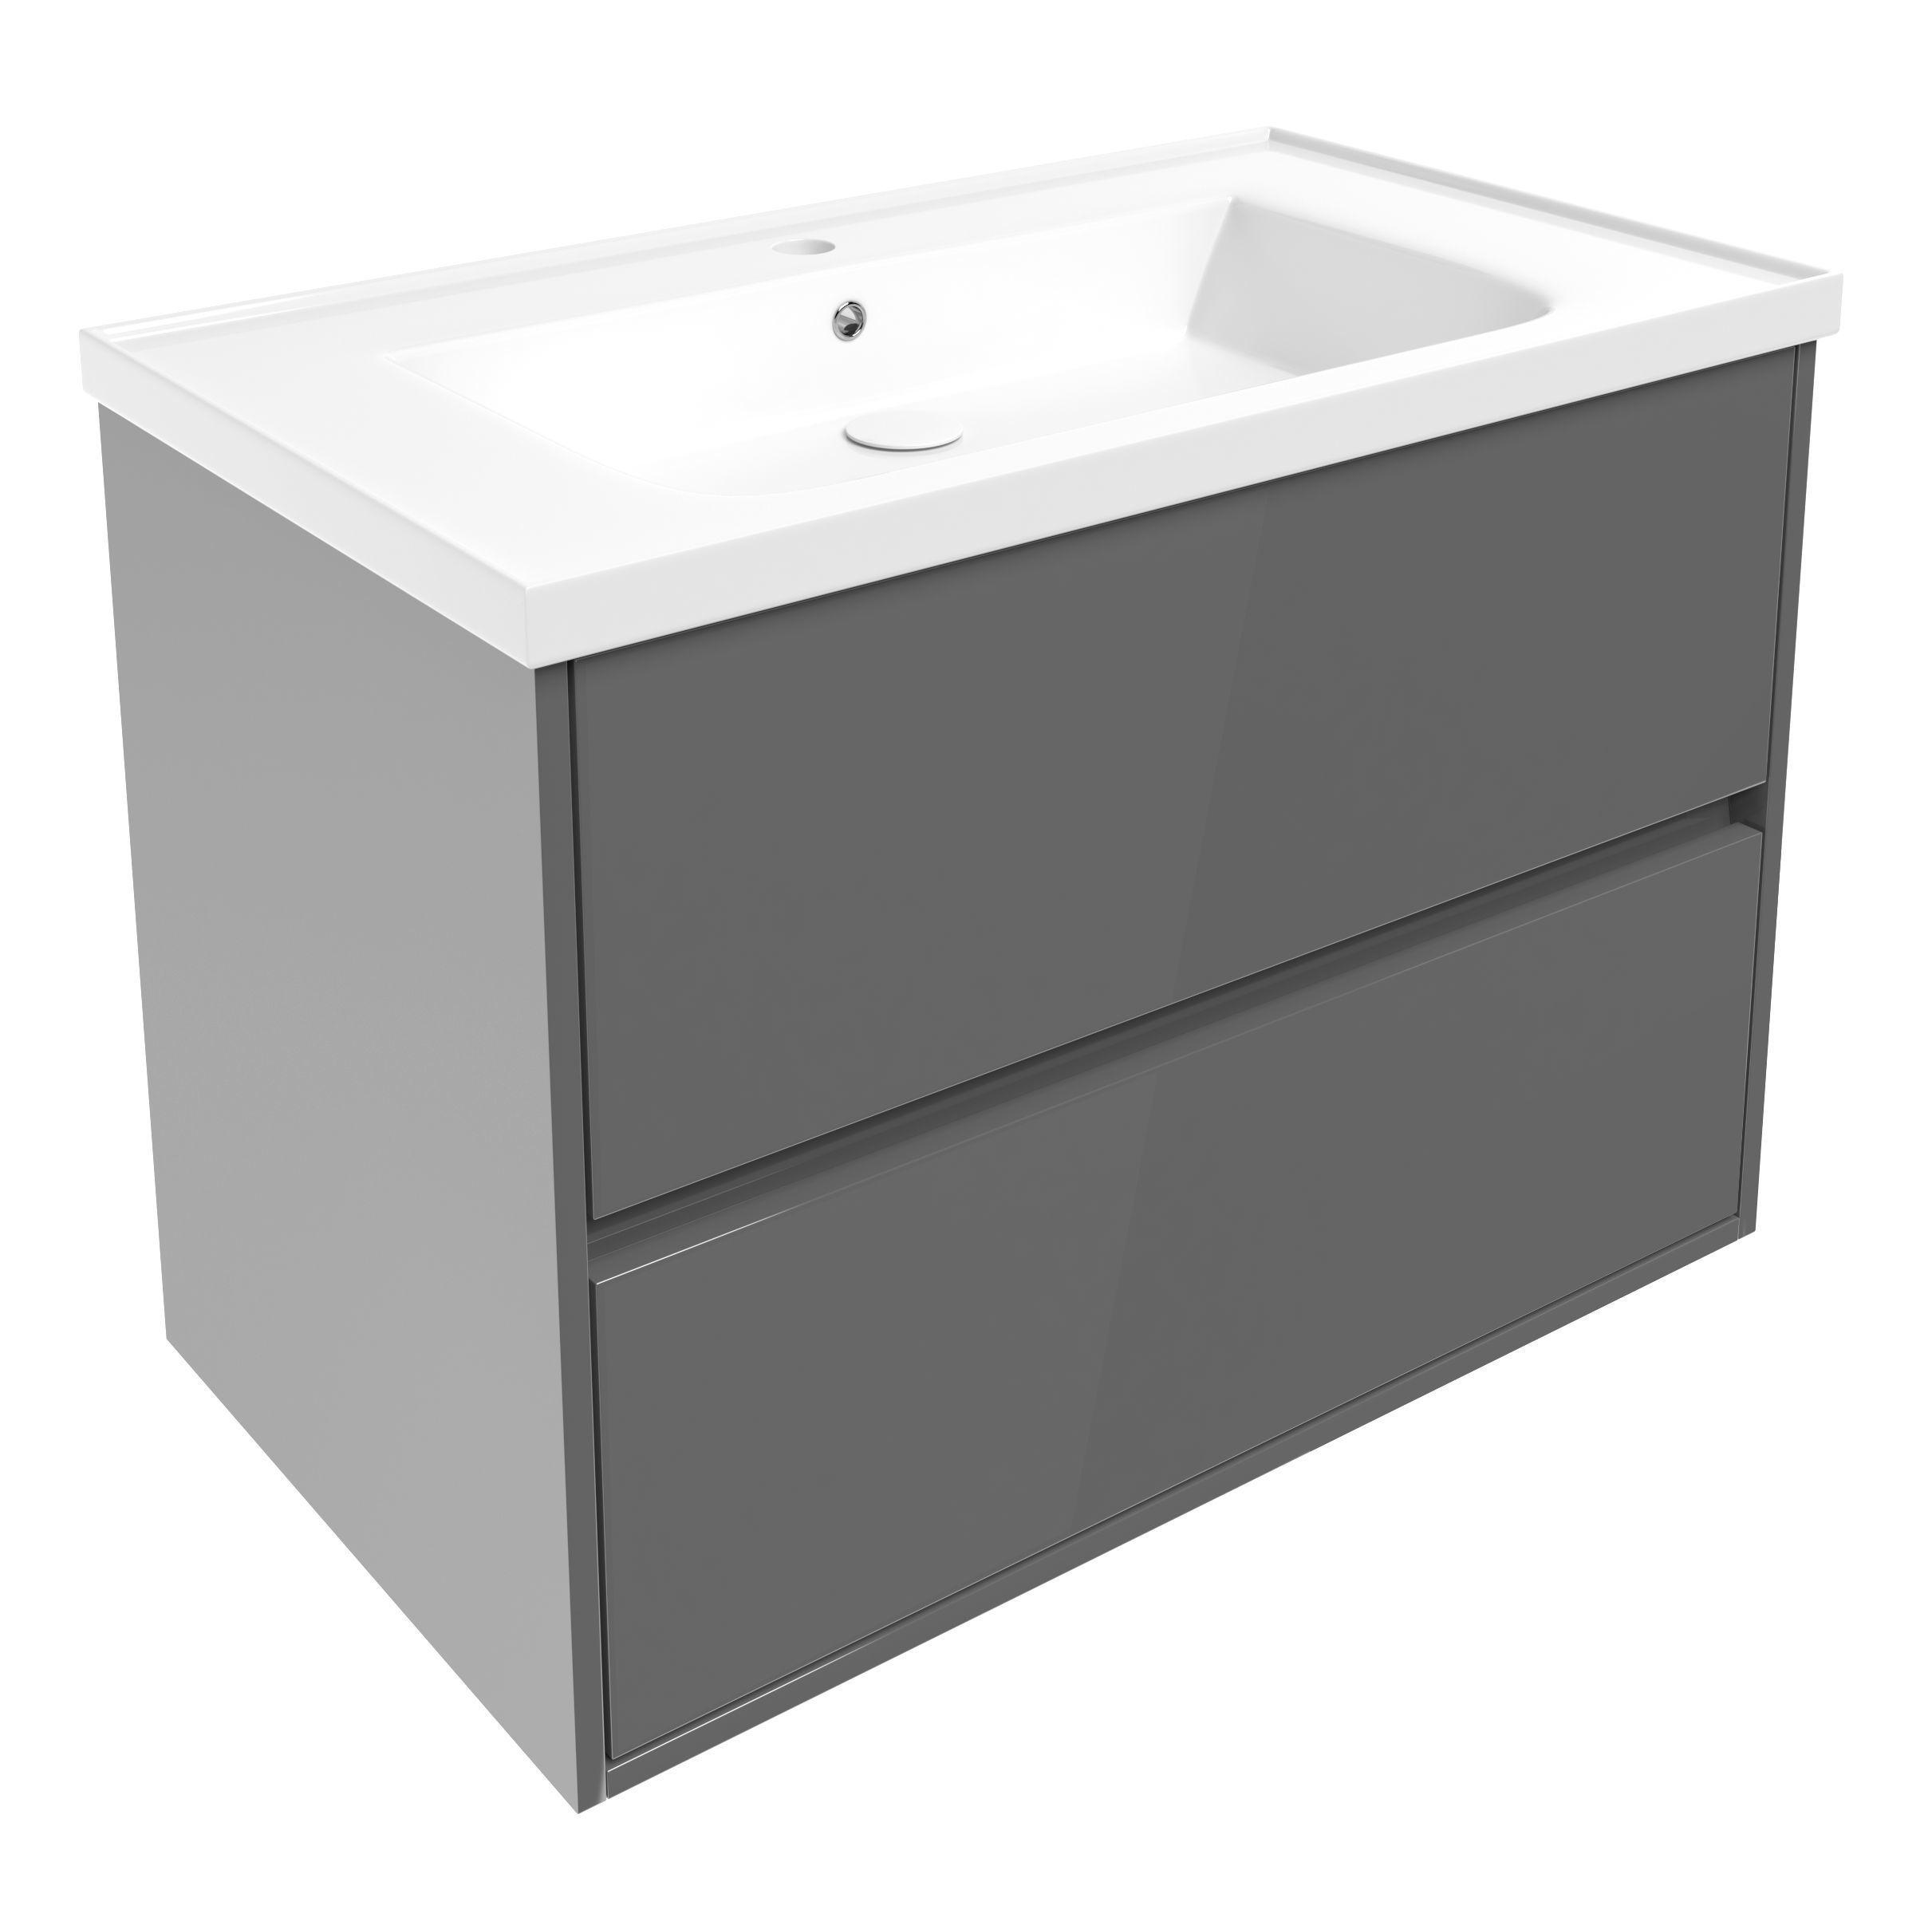 Мебель для ванной комнаты с умывальниками